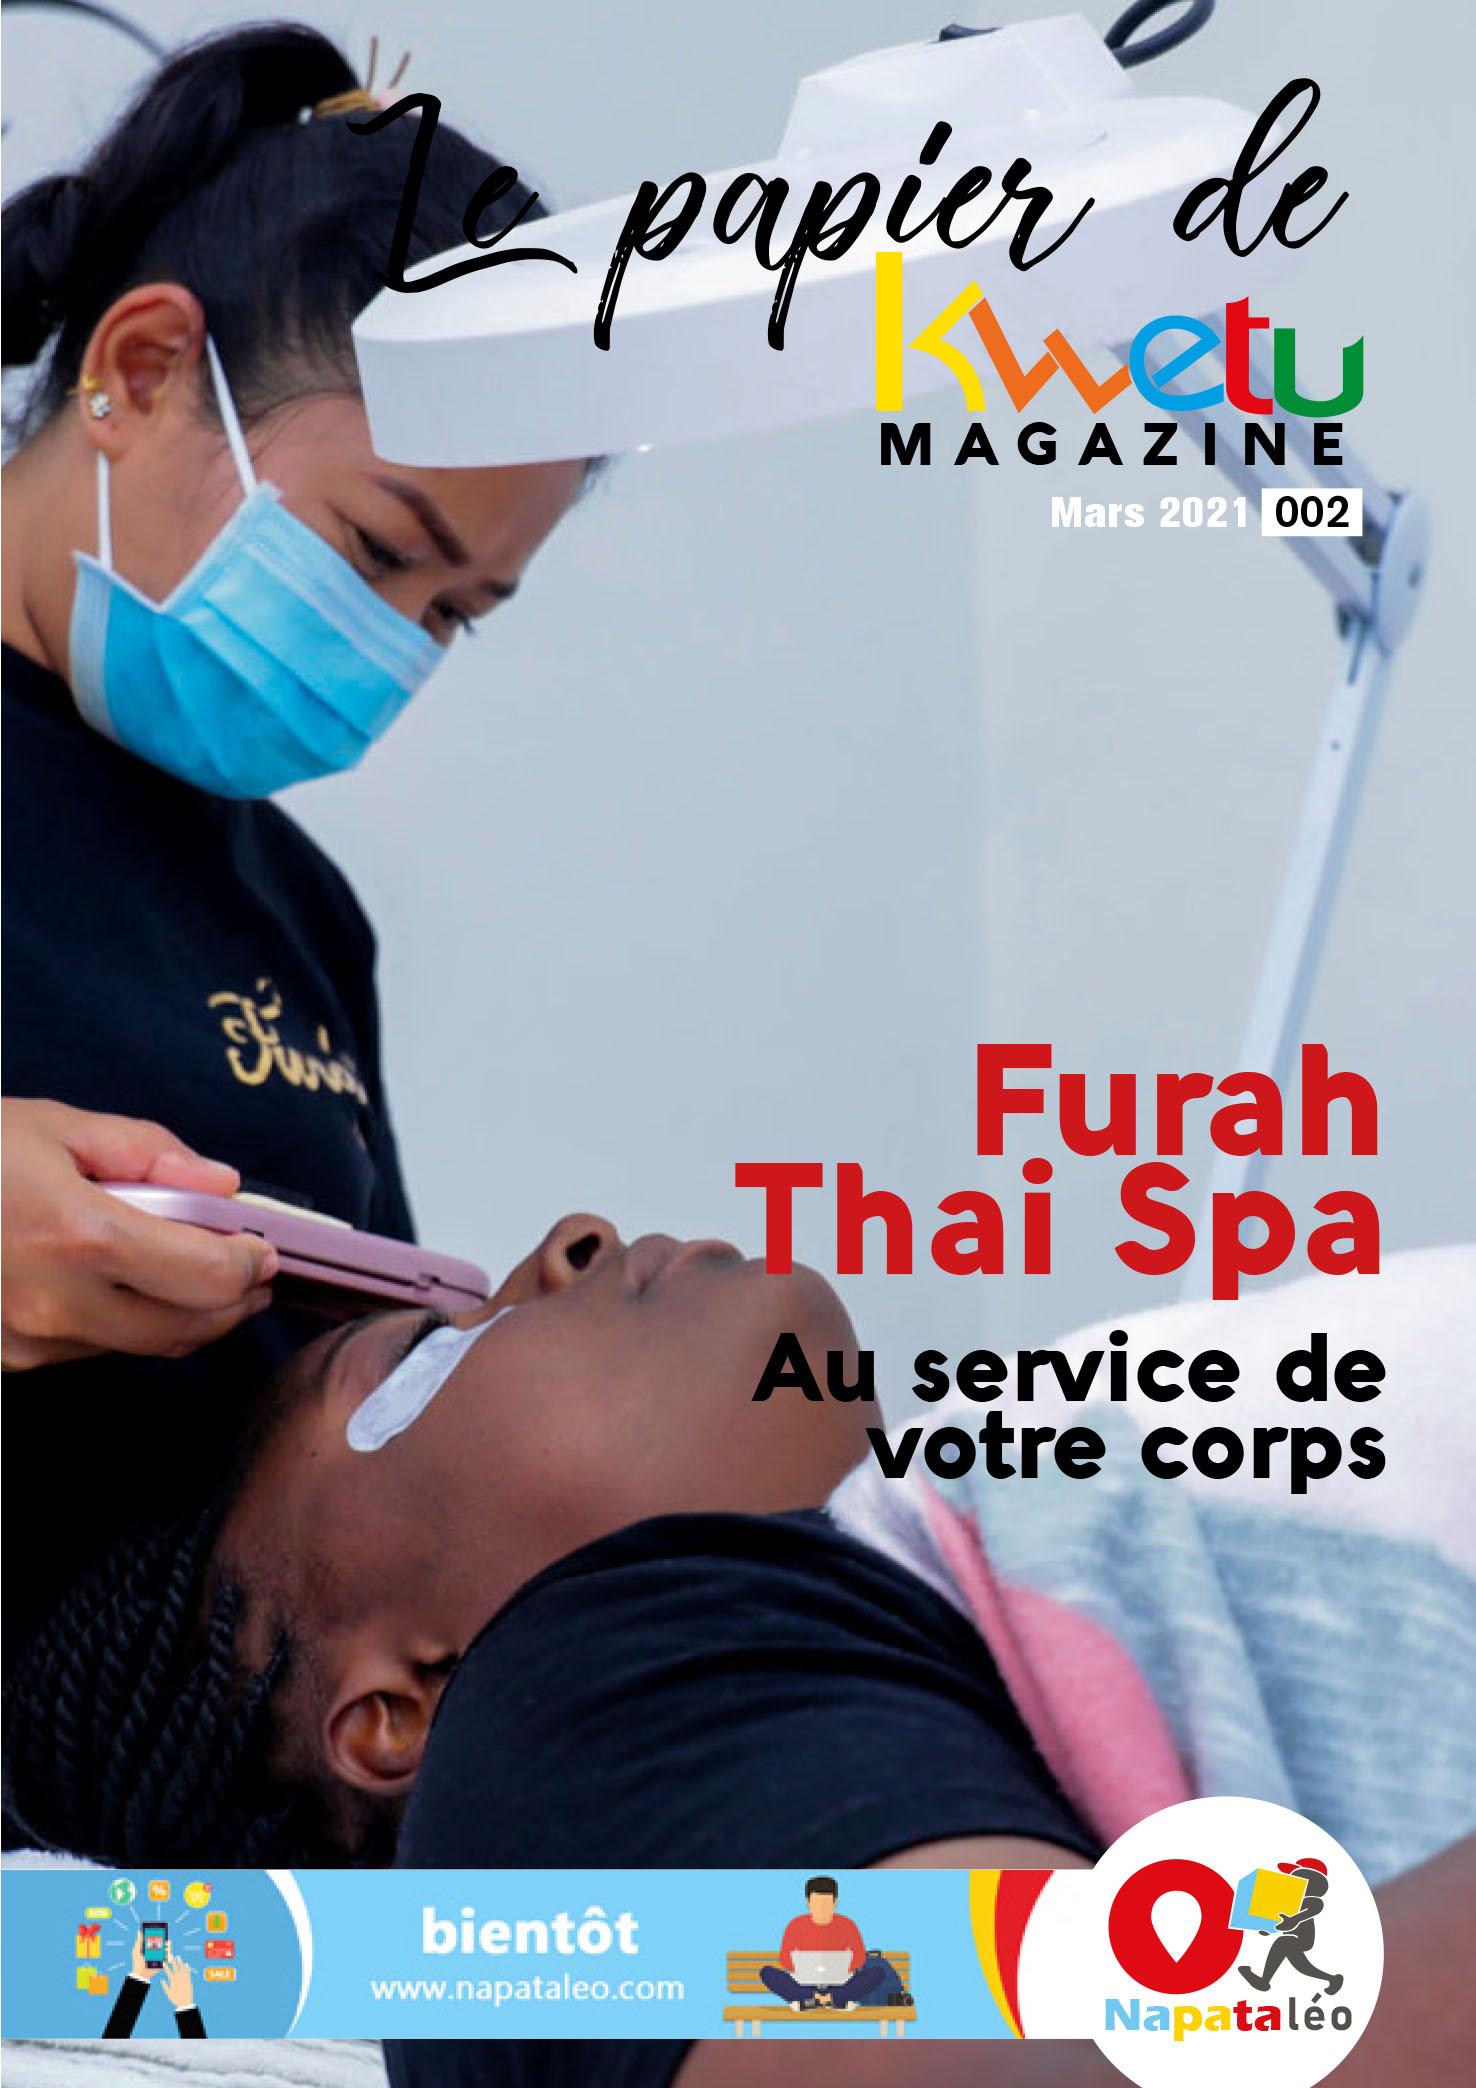 Furah Thai Spa, au service de votre corps | Le papier de Kwetu Magazine 002